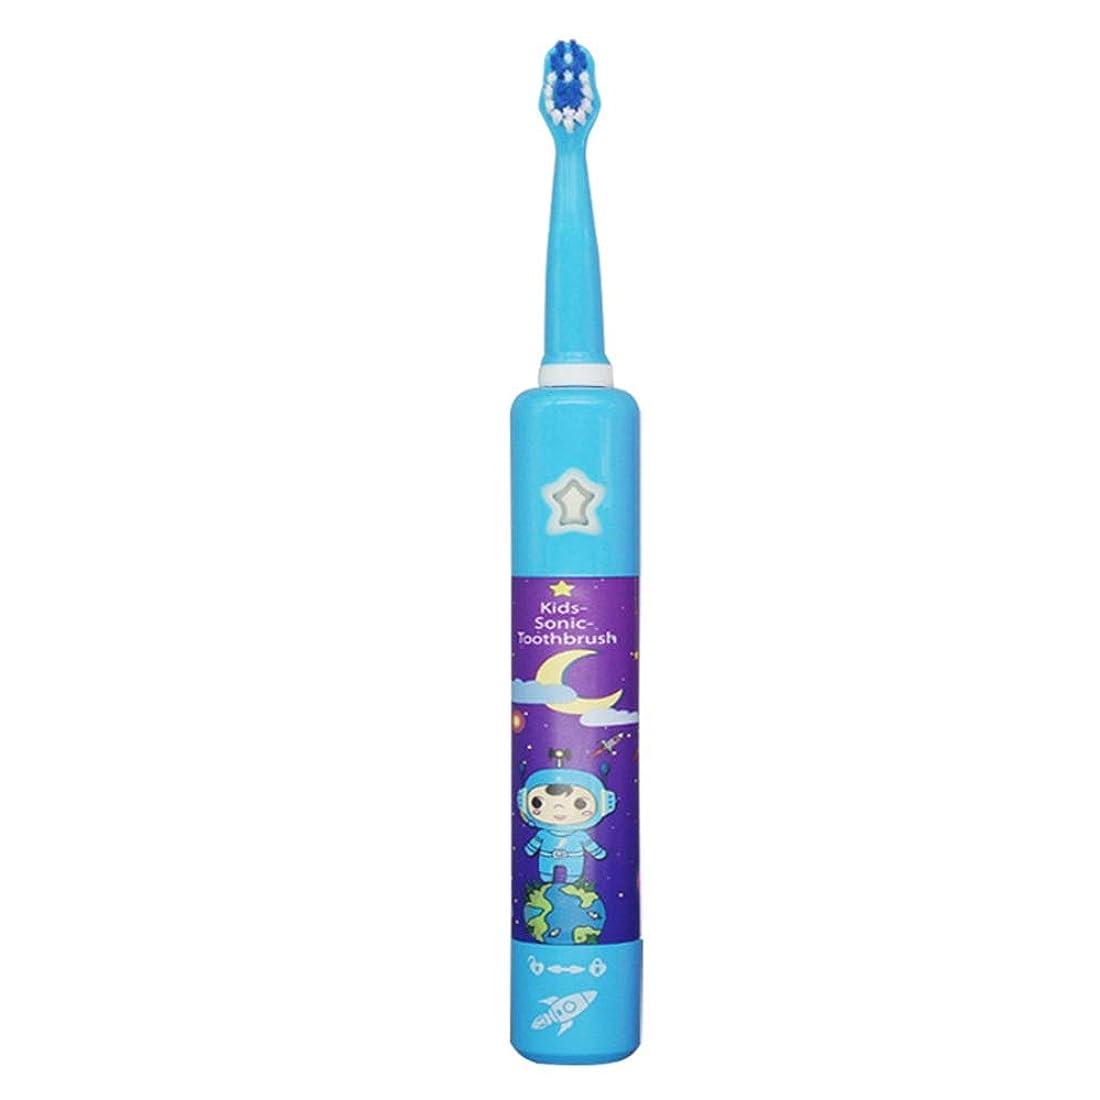 踏み台合金抽選電動歯ブラシ 子供の電気USB充電式歯ブラシかわいい柔らかい髪音楽歯ブラシホルダーと1つの交換用ヘッド ケアー プロテクトクリーン (色 : 青, サイズ : Free size)